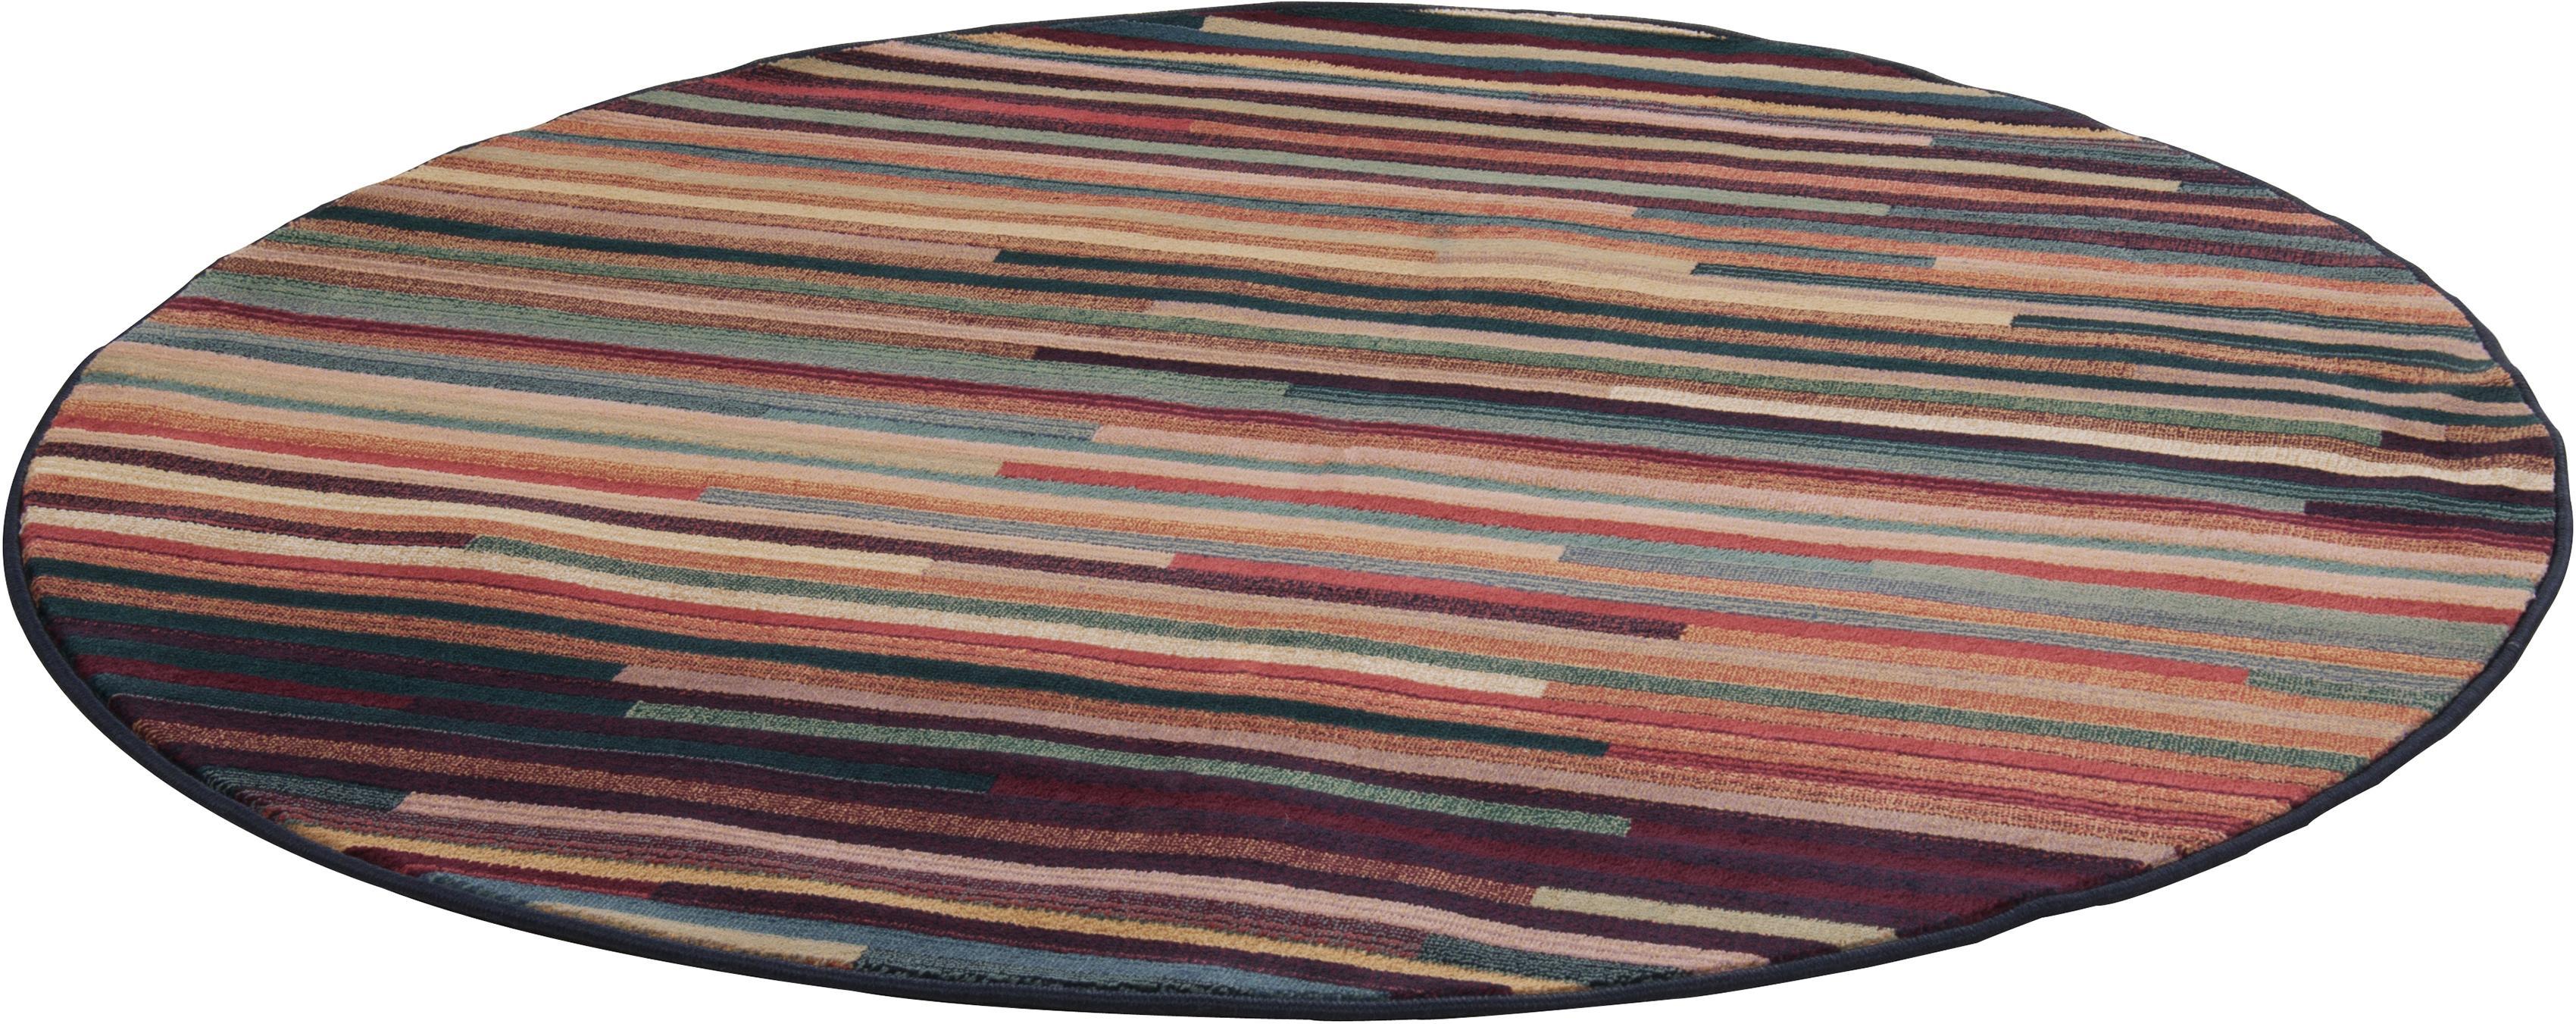 Teppich Gabiro 1728 THEKO rund Höhe 10 mm maschinell gewebt